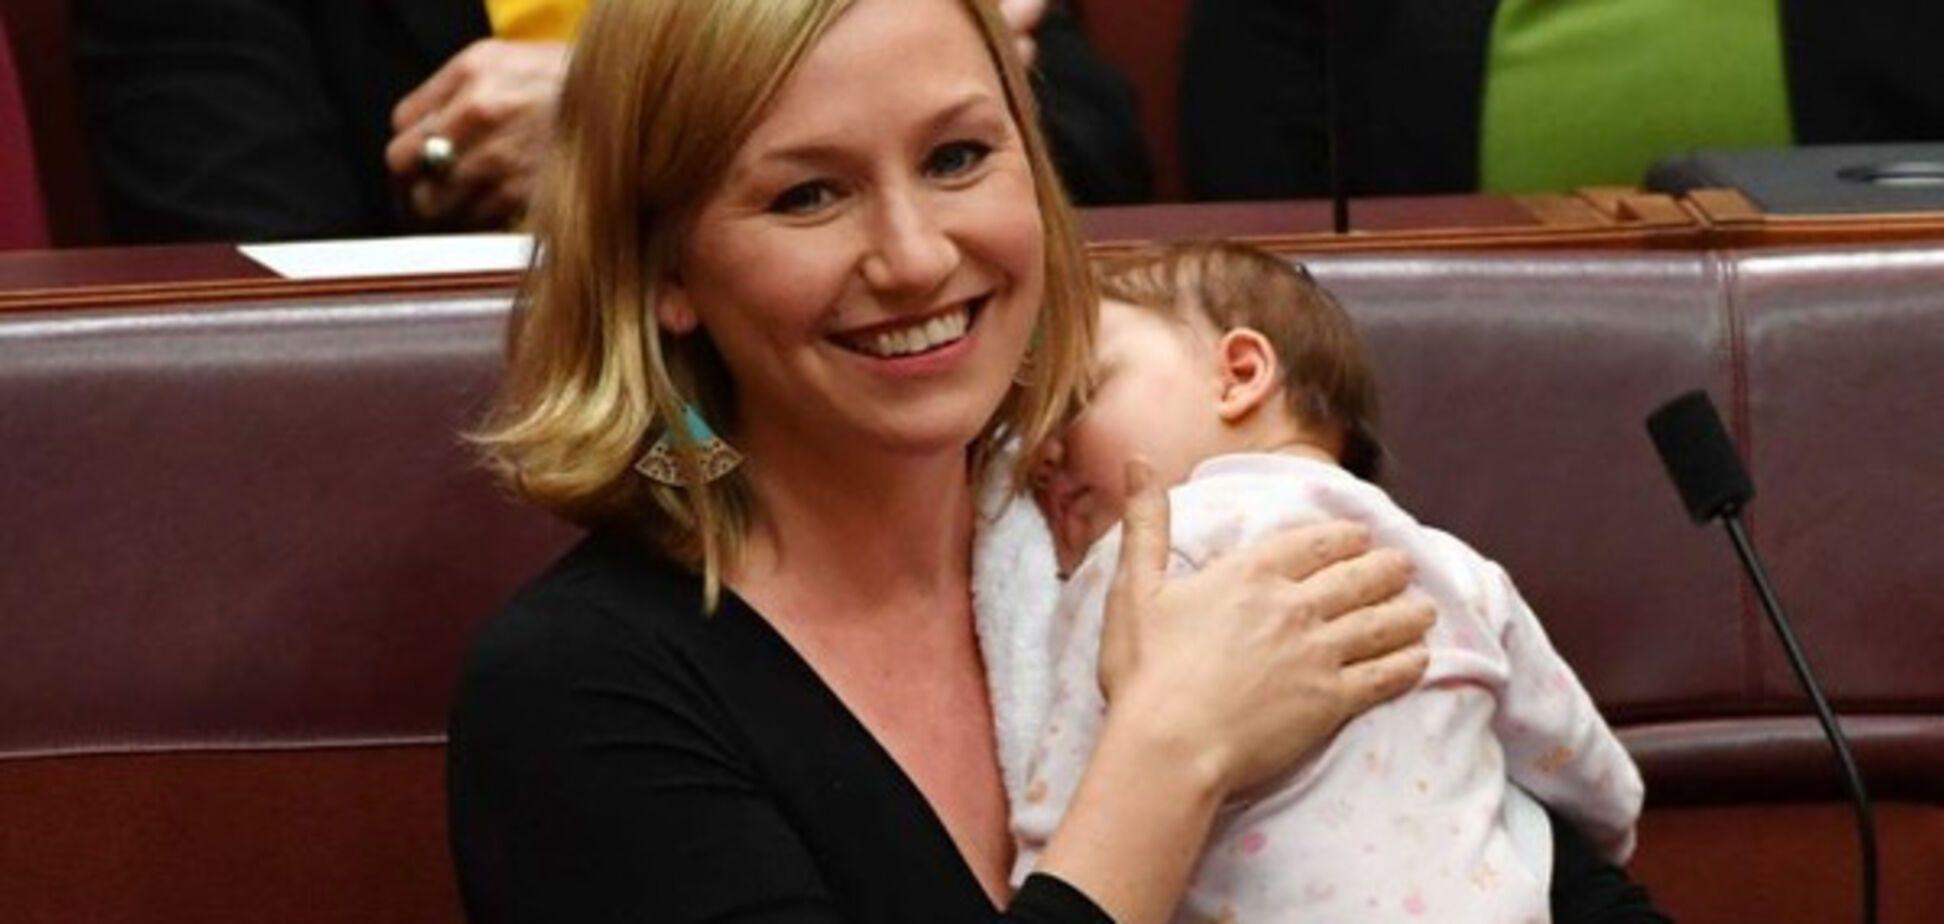 В парламенте Австралии сенатор покормила грудью младенца во время заседания: опубликованы фото